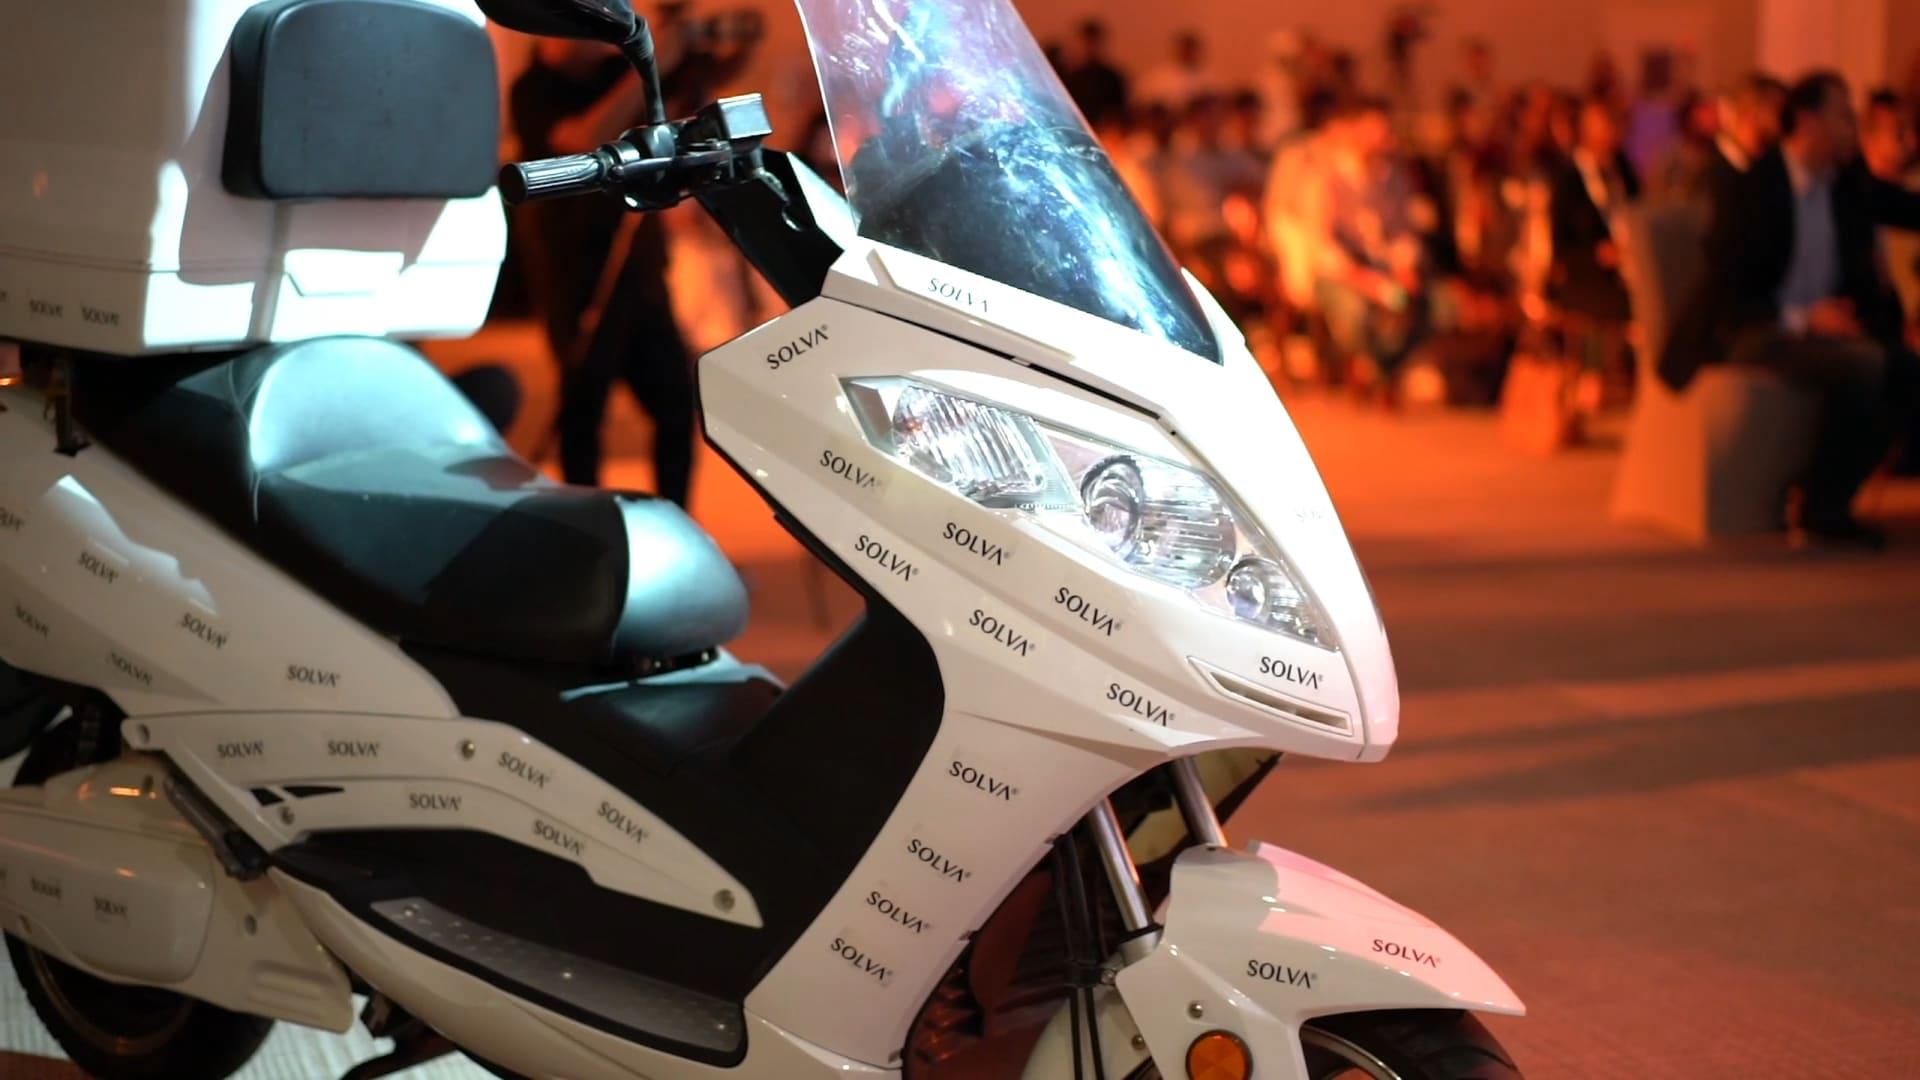 دراجات سولفا الكهربائية..  ابتكار يجوب شوارع الإمارات